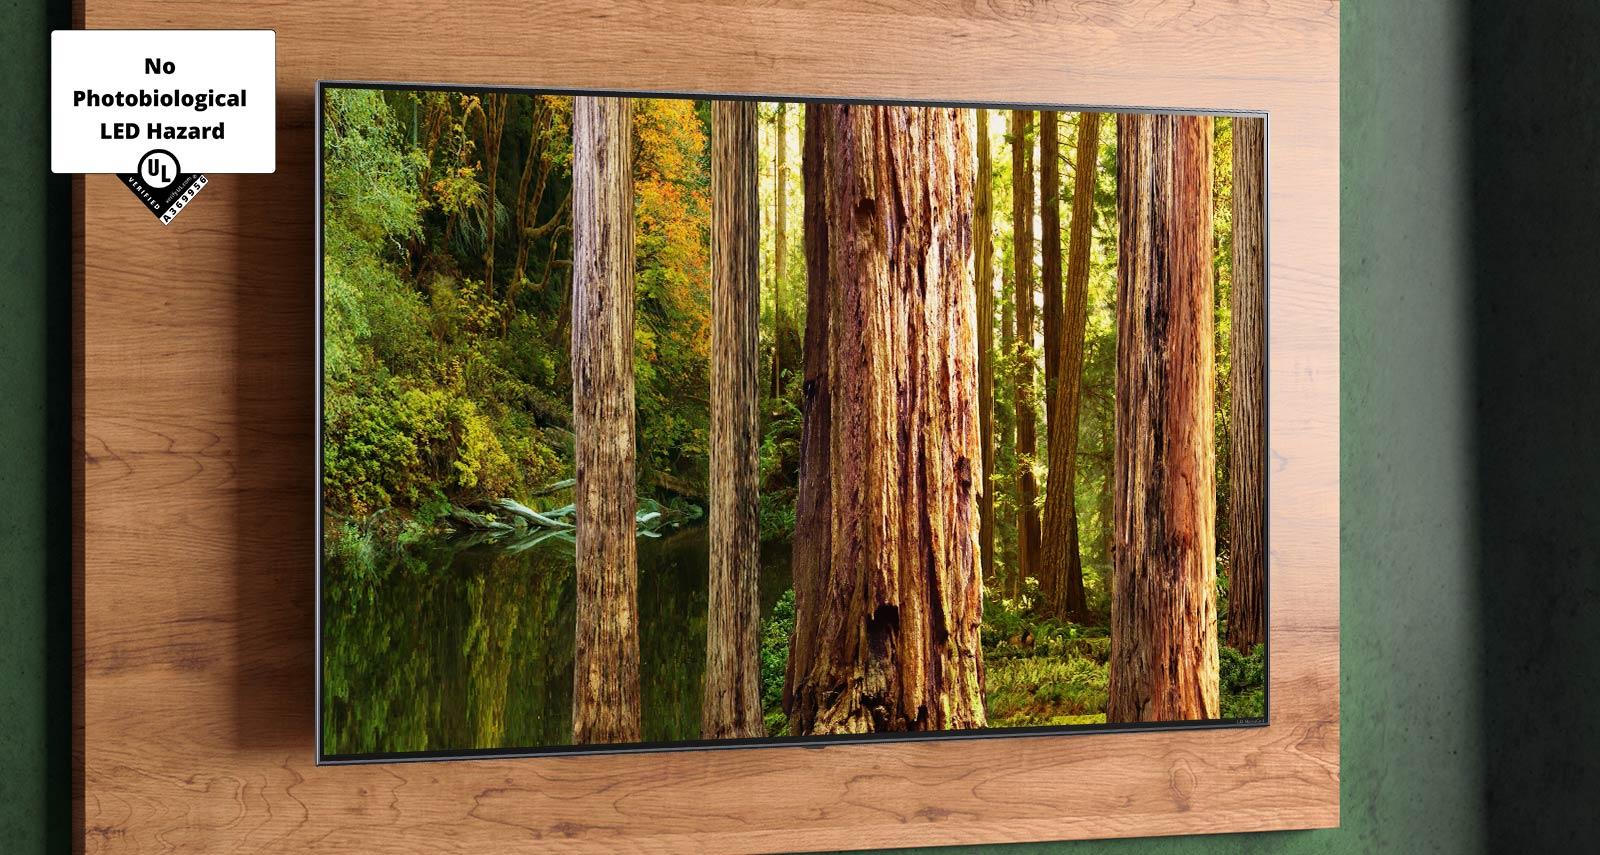 Hình ảnh khu rừng trên màn hình TV